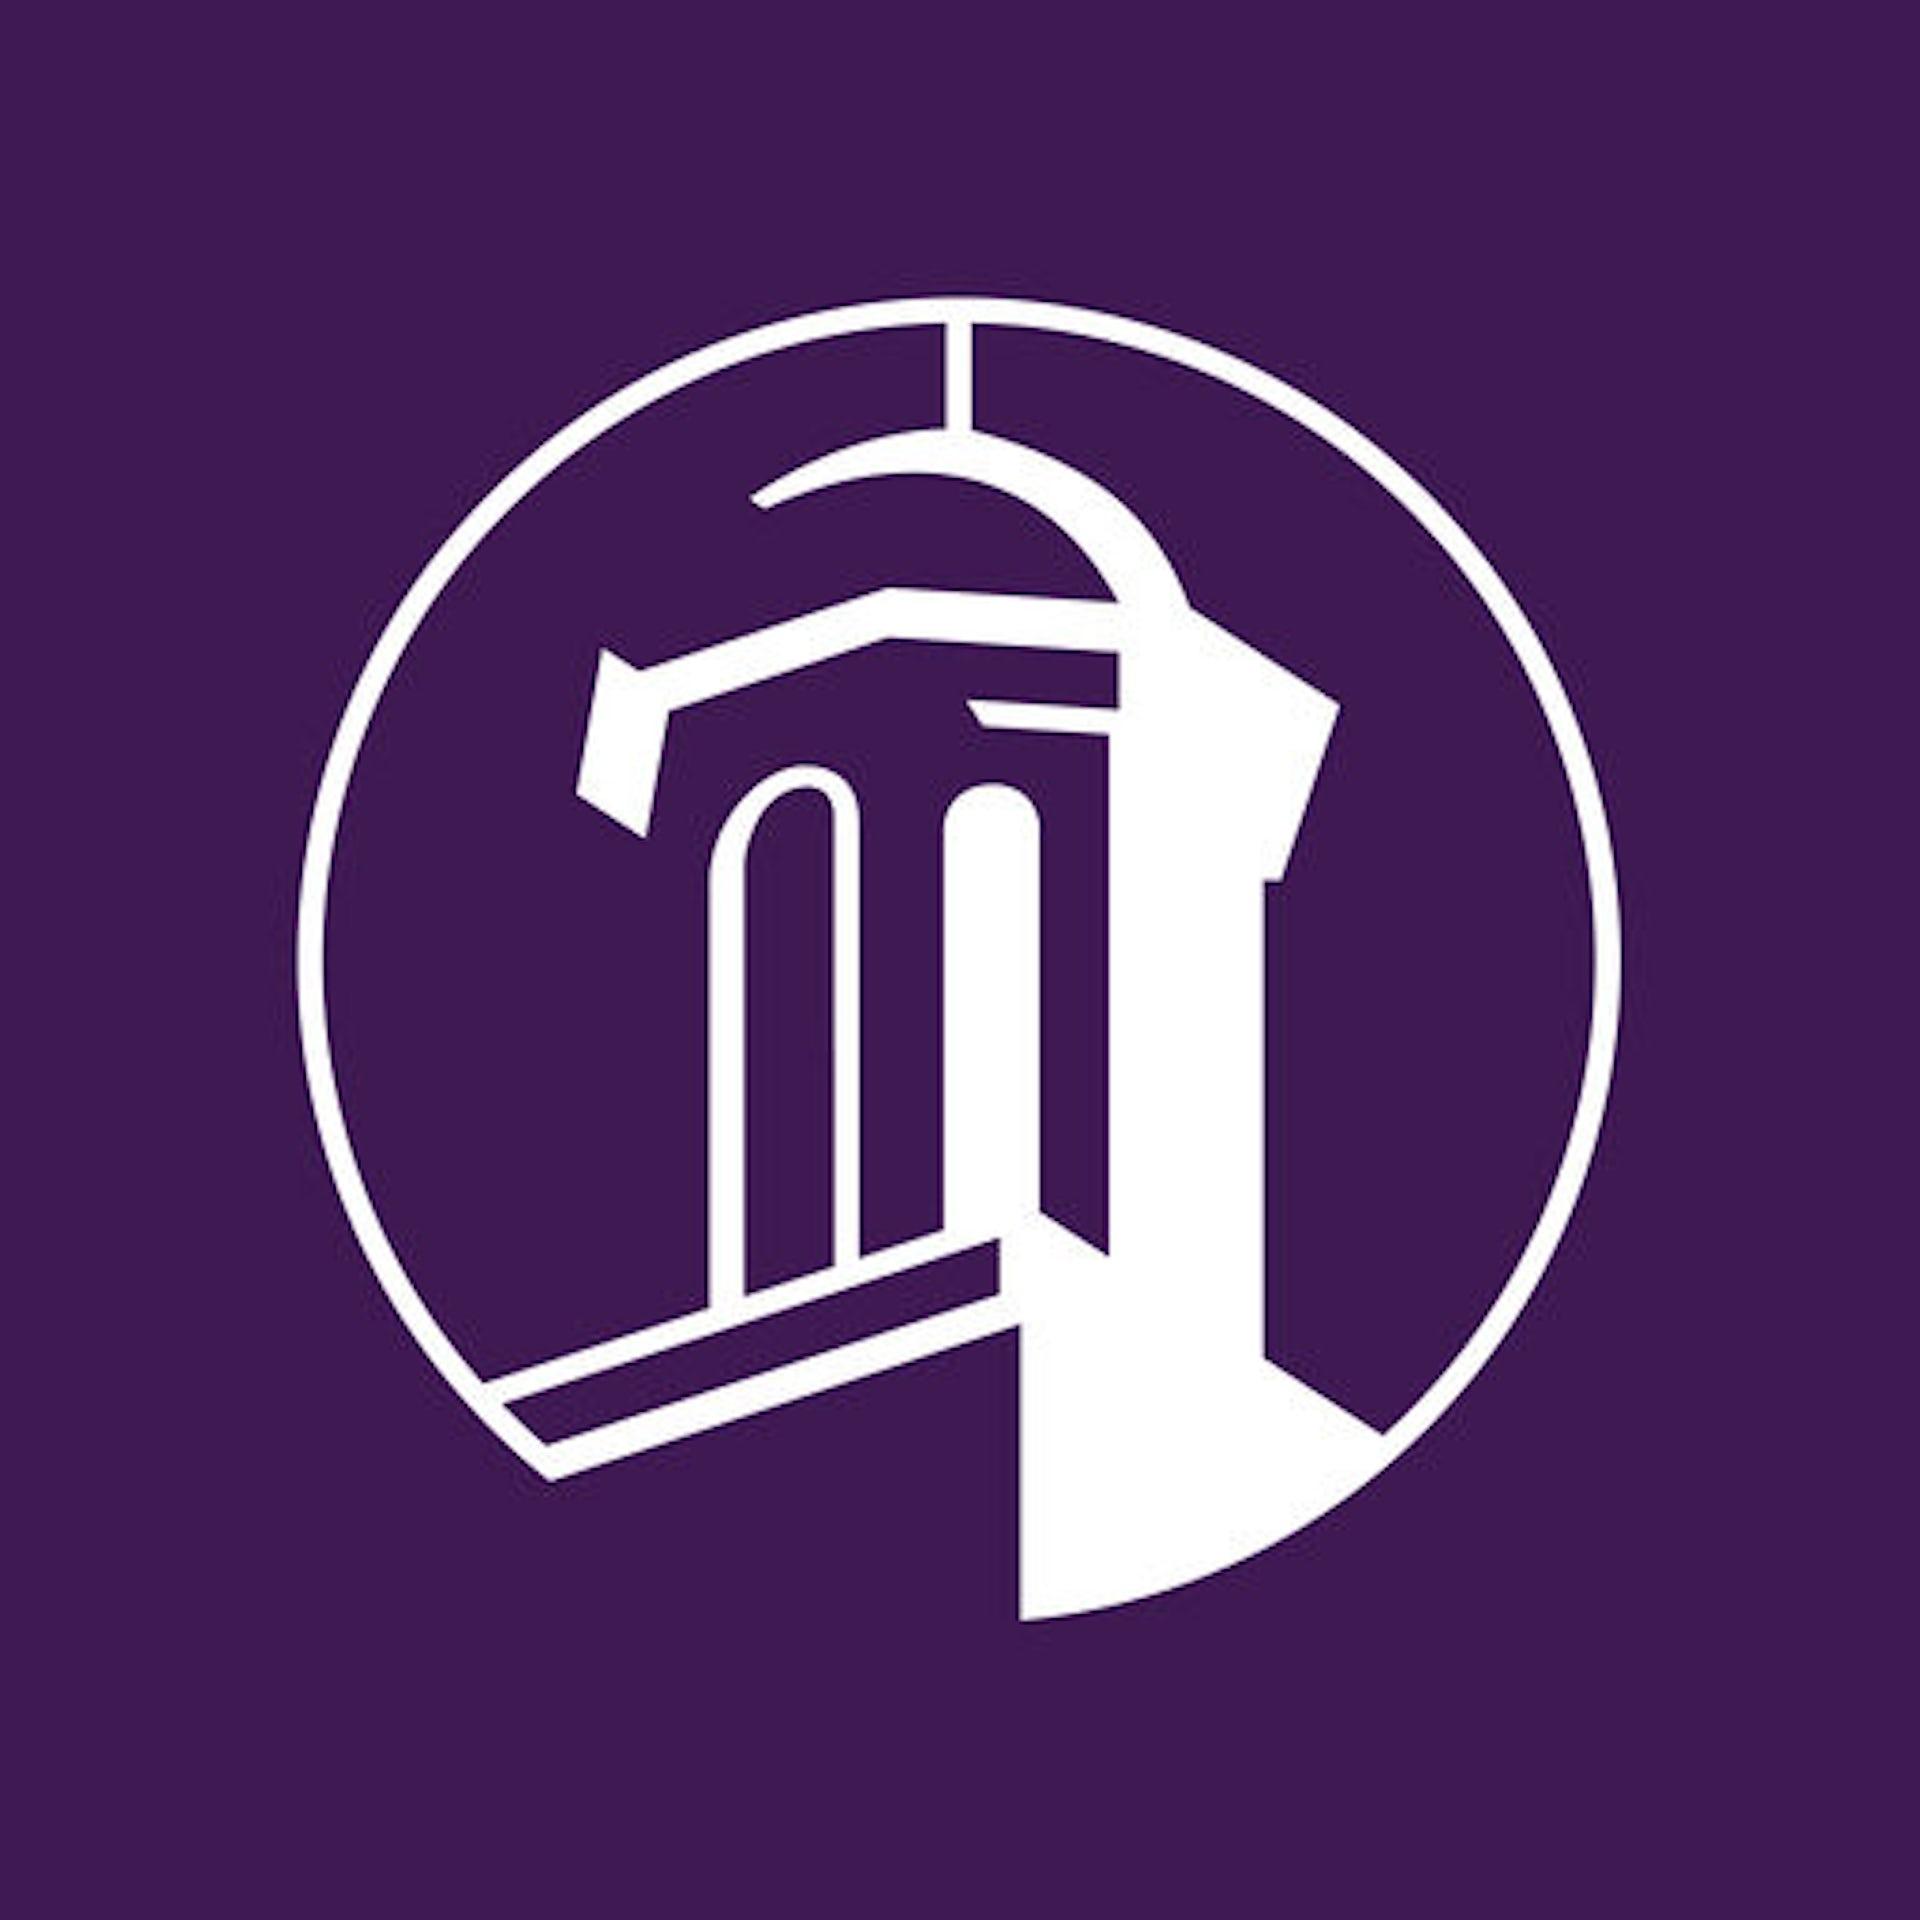 Logo 1527180688.jpg?ixlib=rb 1.1